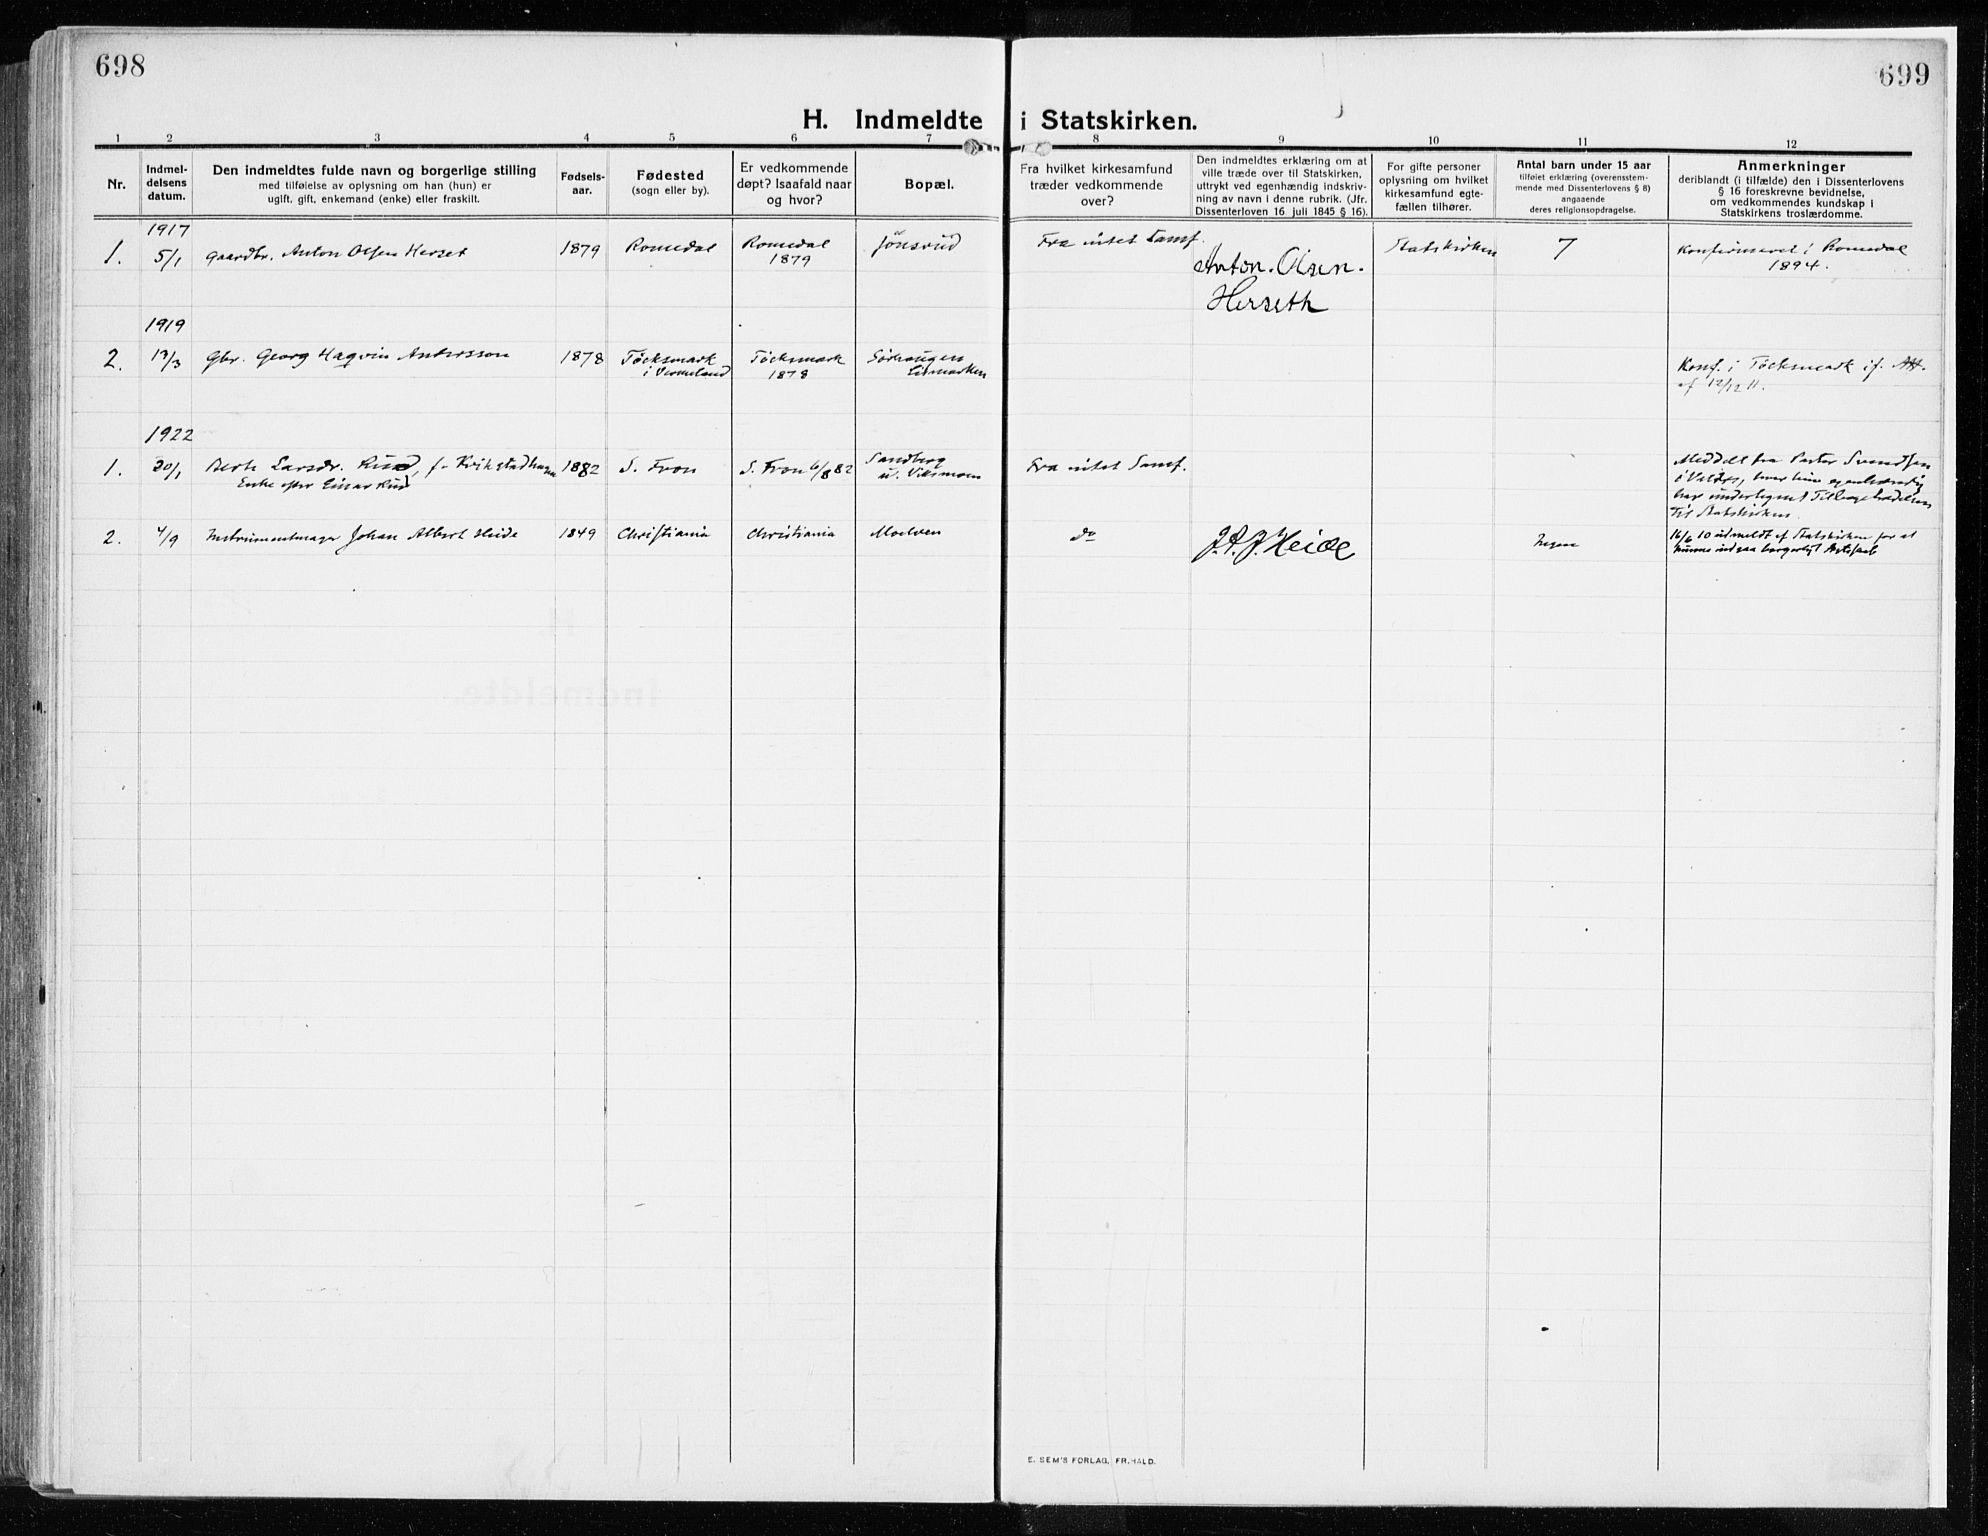 SAH, Ringsaker prestekontor, K/Ka/L0020: Ministerialbok nr. 20, 1913-1922, s. 698-699